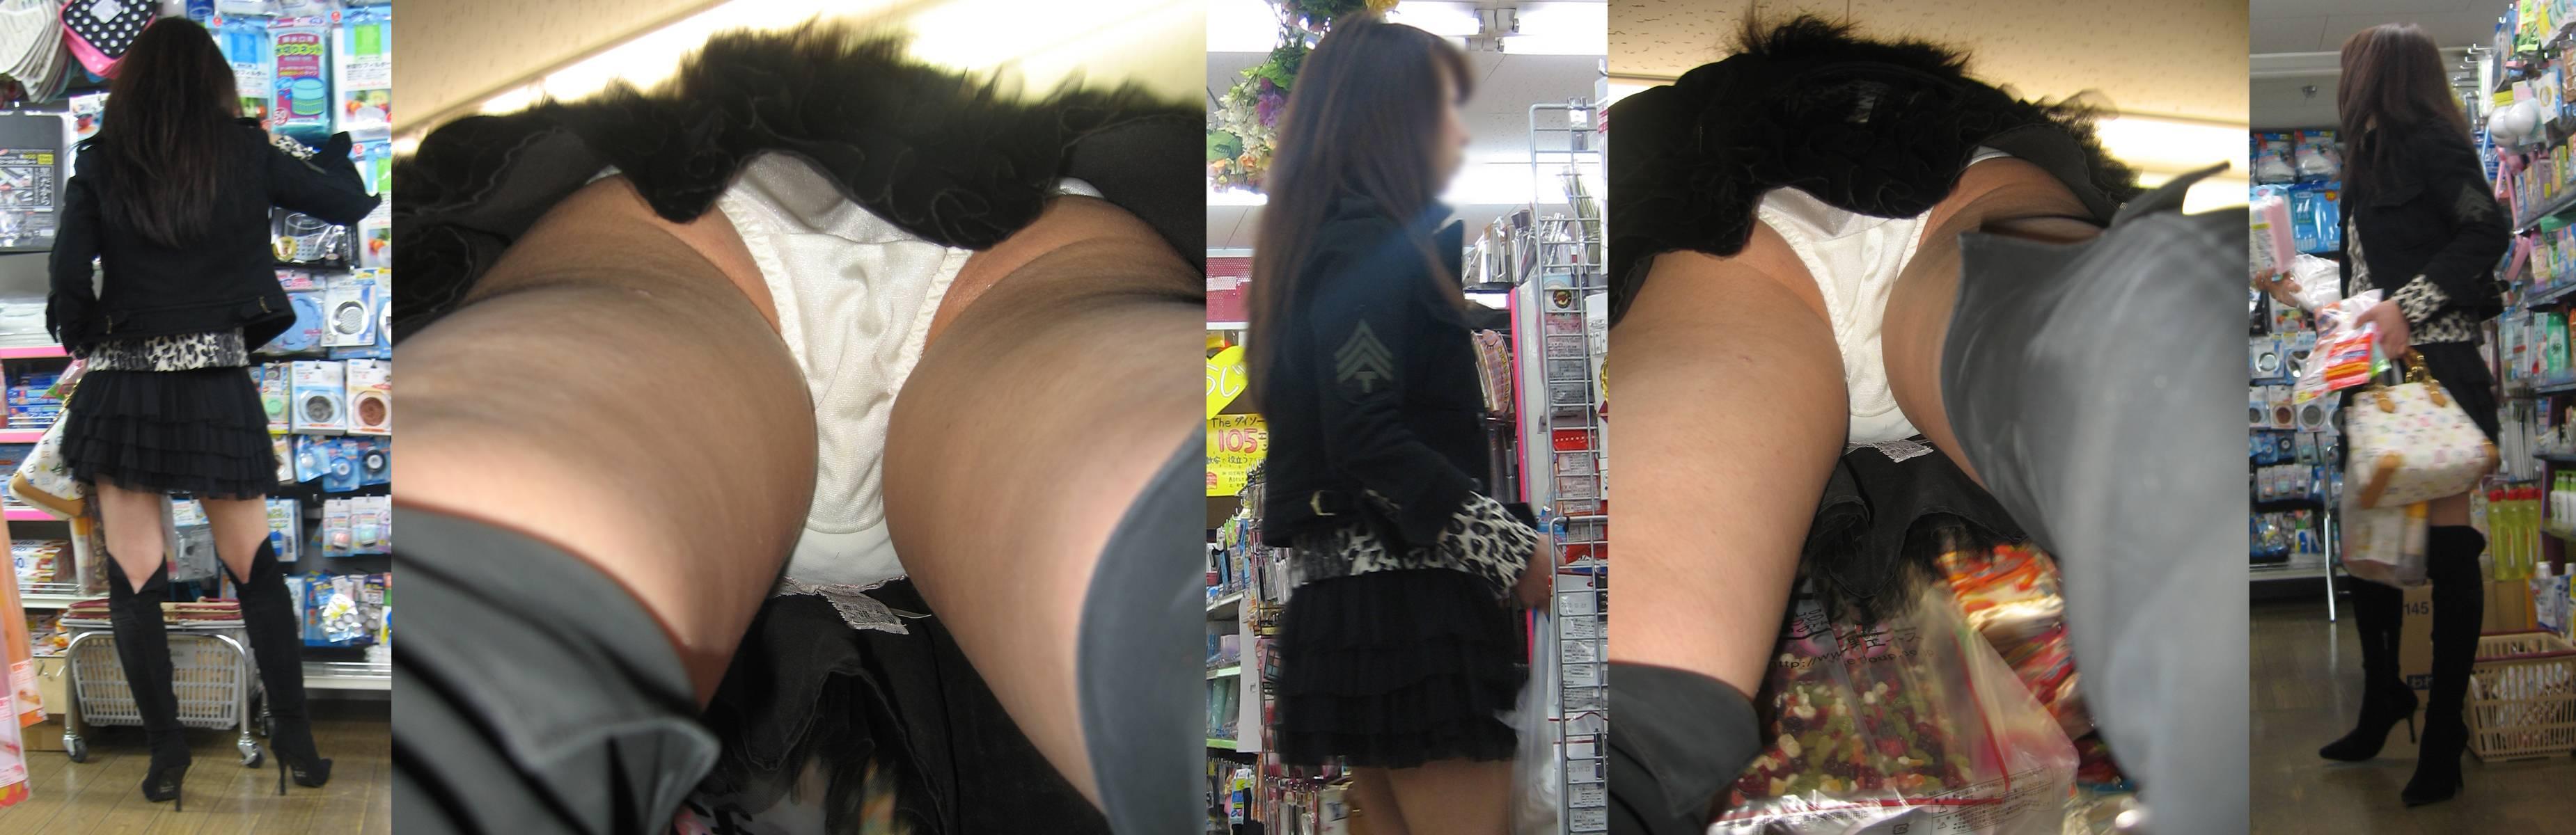 【パンチラエロ画像】どんなスカートも真下からなら丸見え!隠し事不可の逆さ撮り(;´Д`)